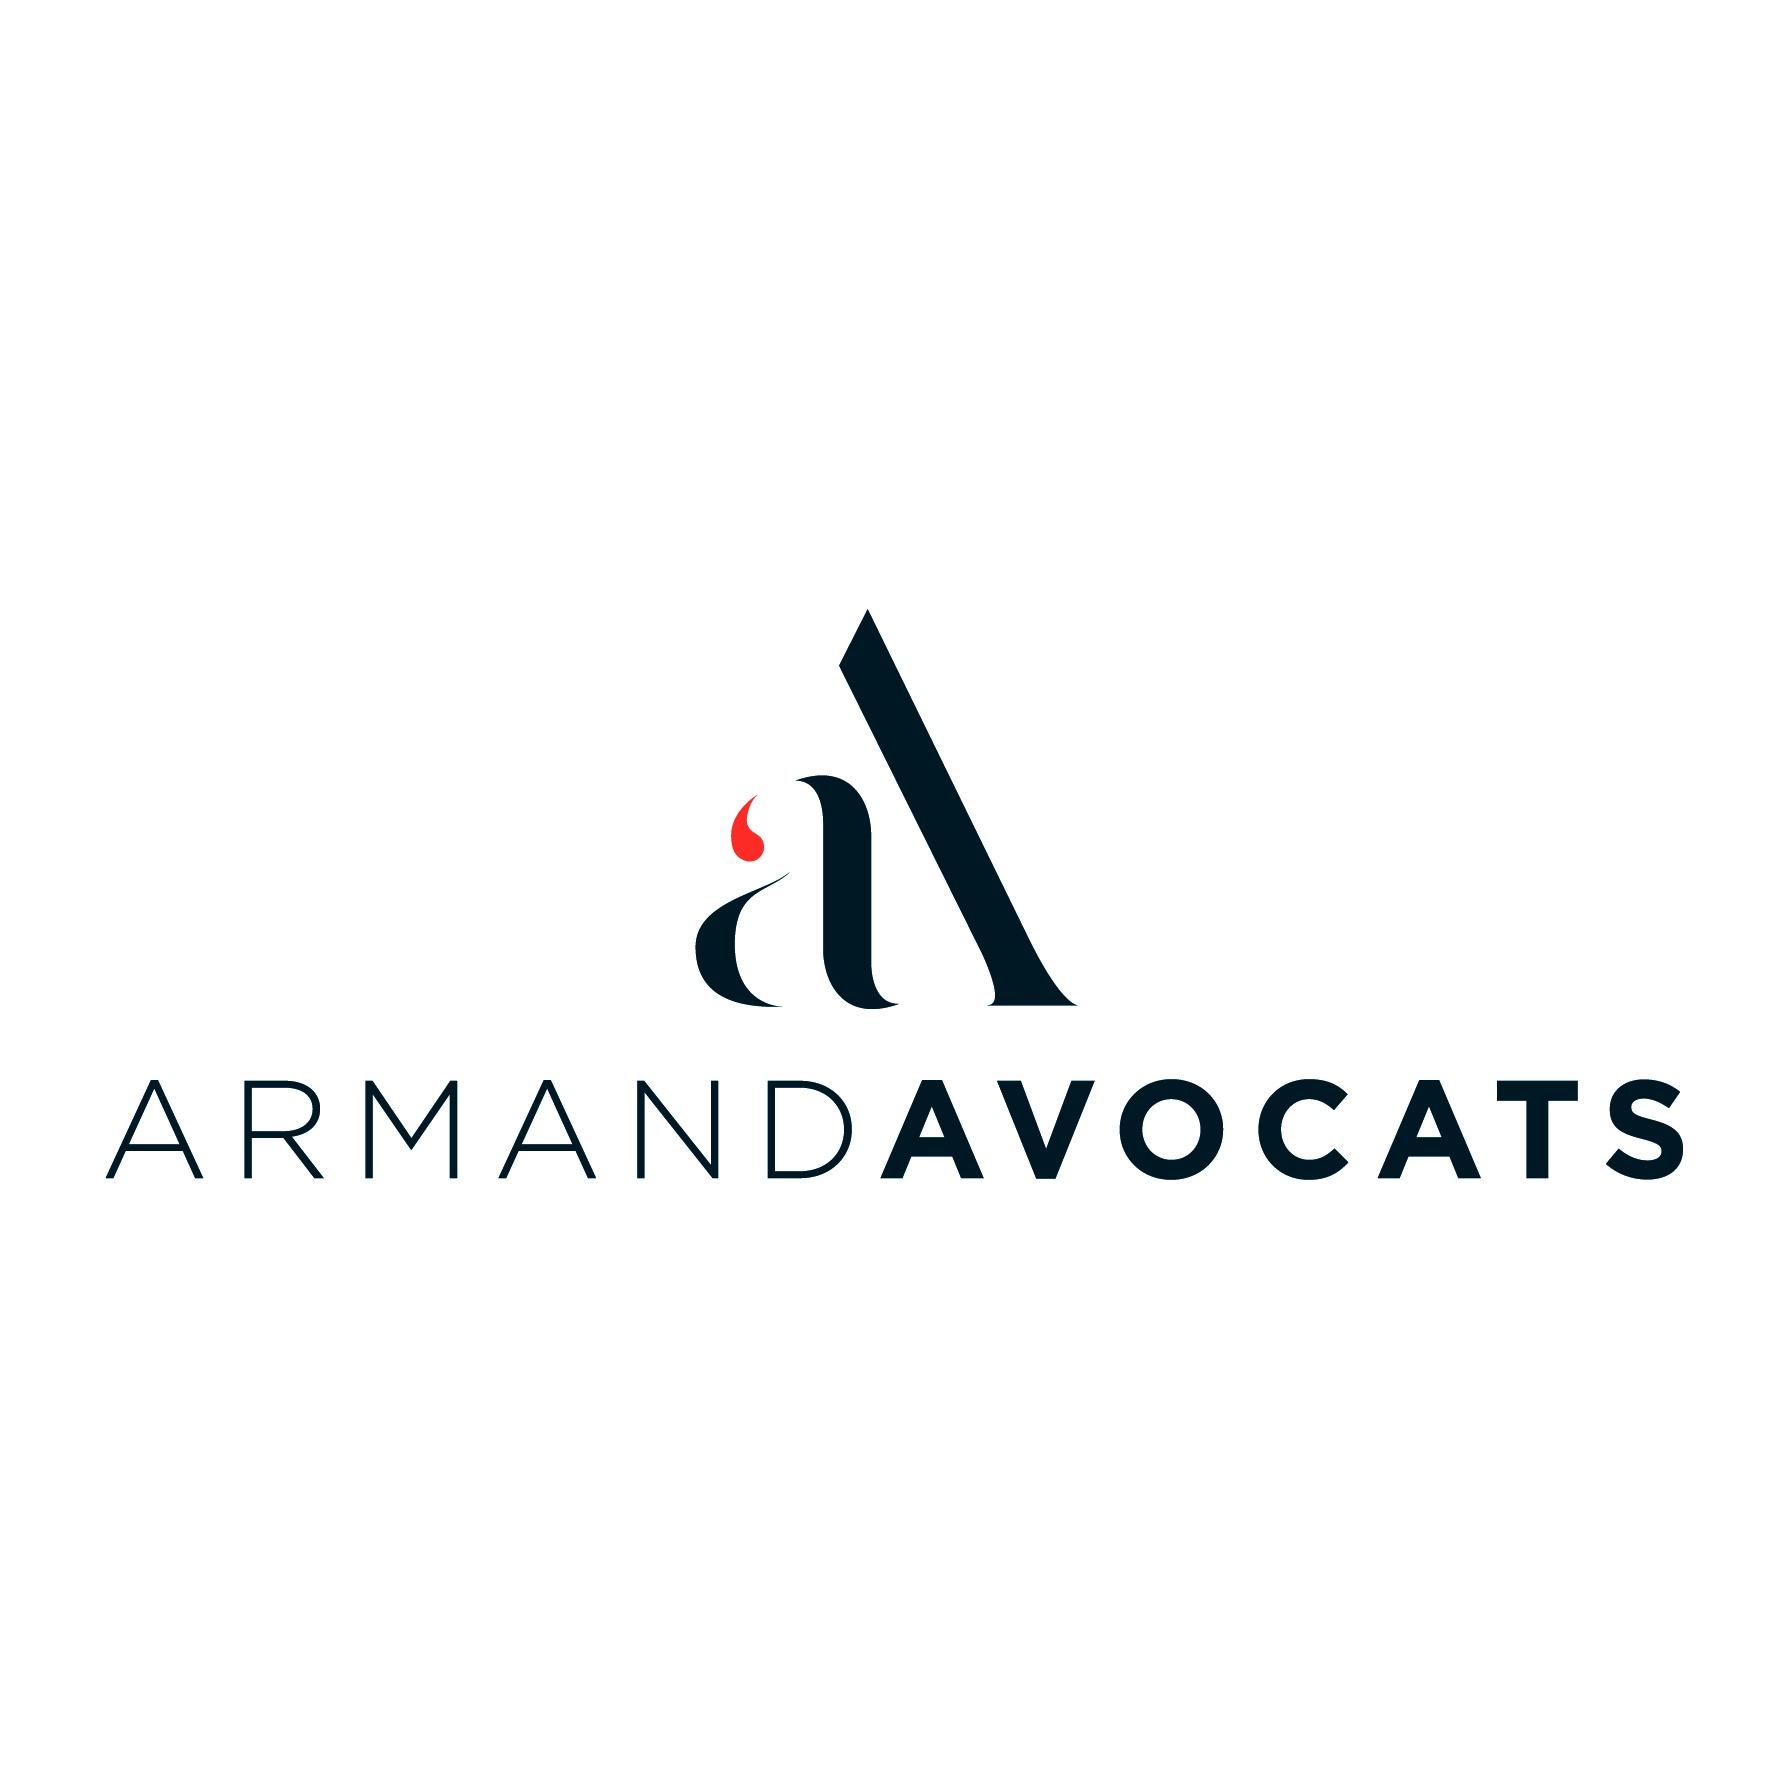 the Armand Avocats logo.